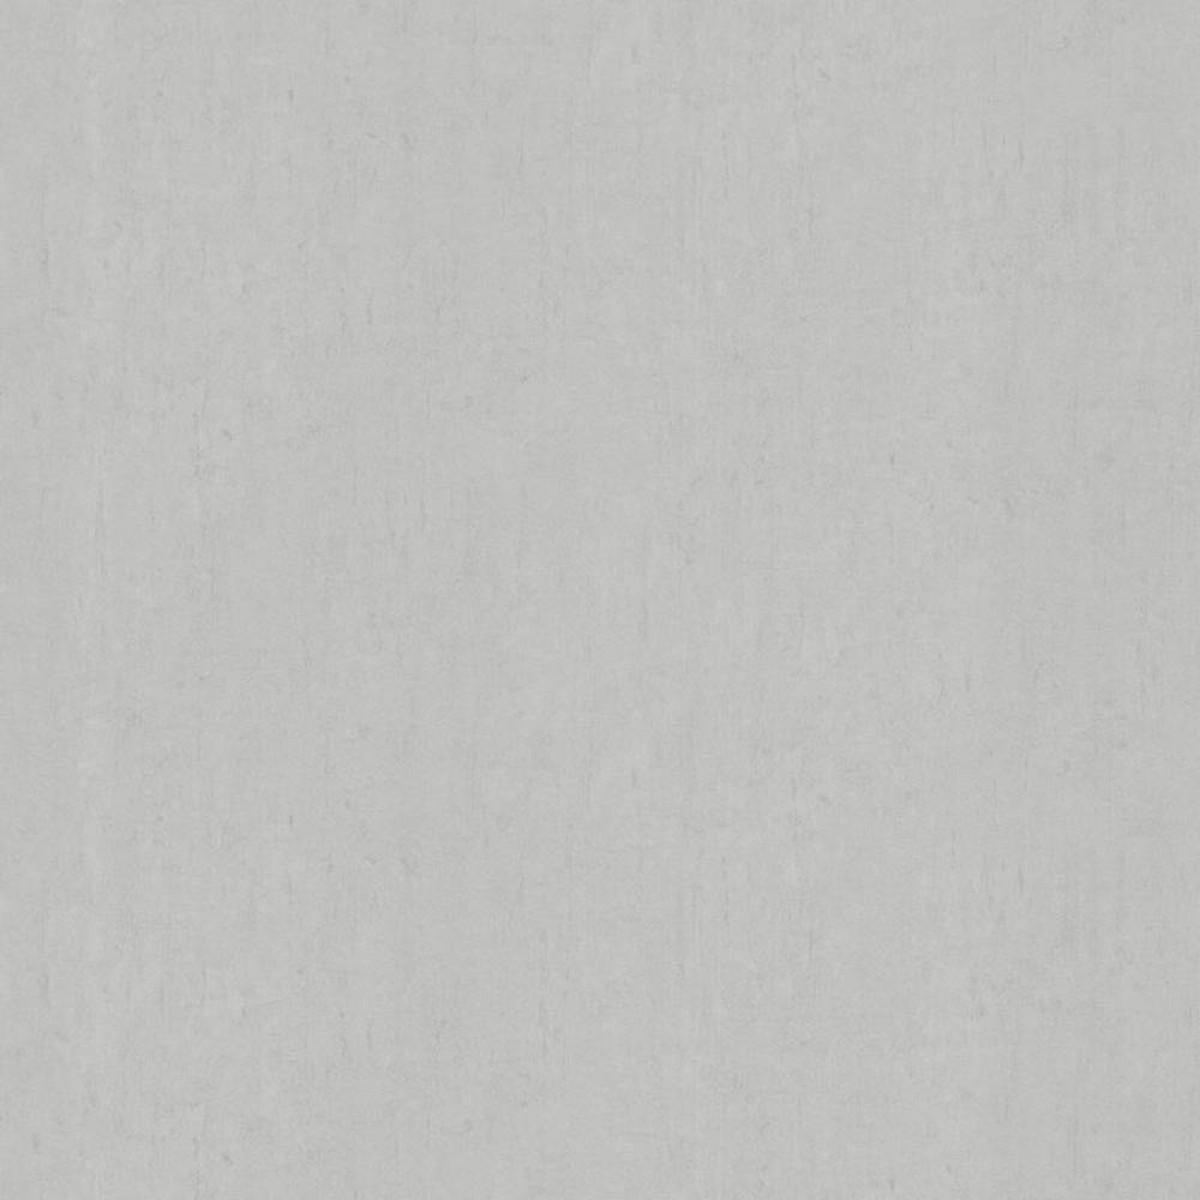 Обои флизелиновые Мир Авангард серые 1.06 м 45-194-06